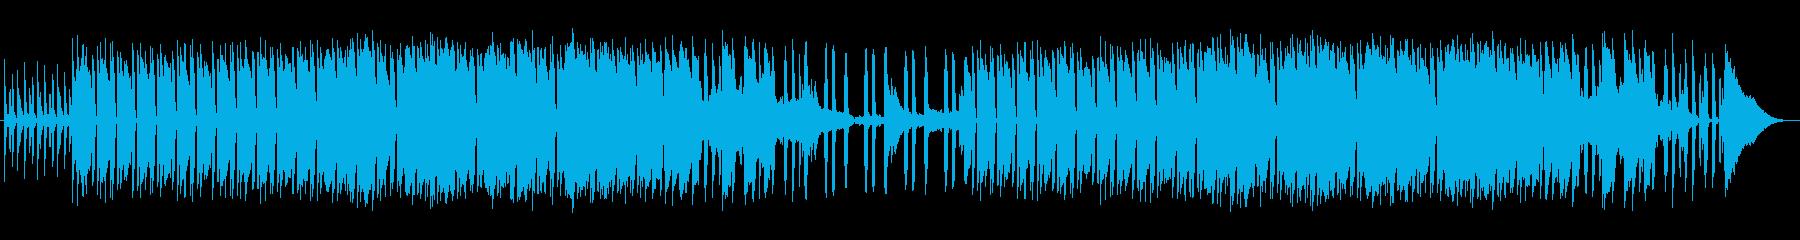 ビブラフォンのメロディが印象的なバラードの再生済みの波形